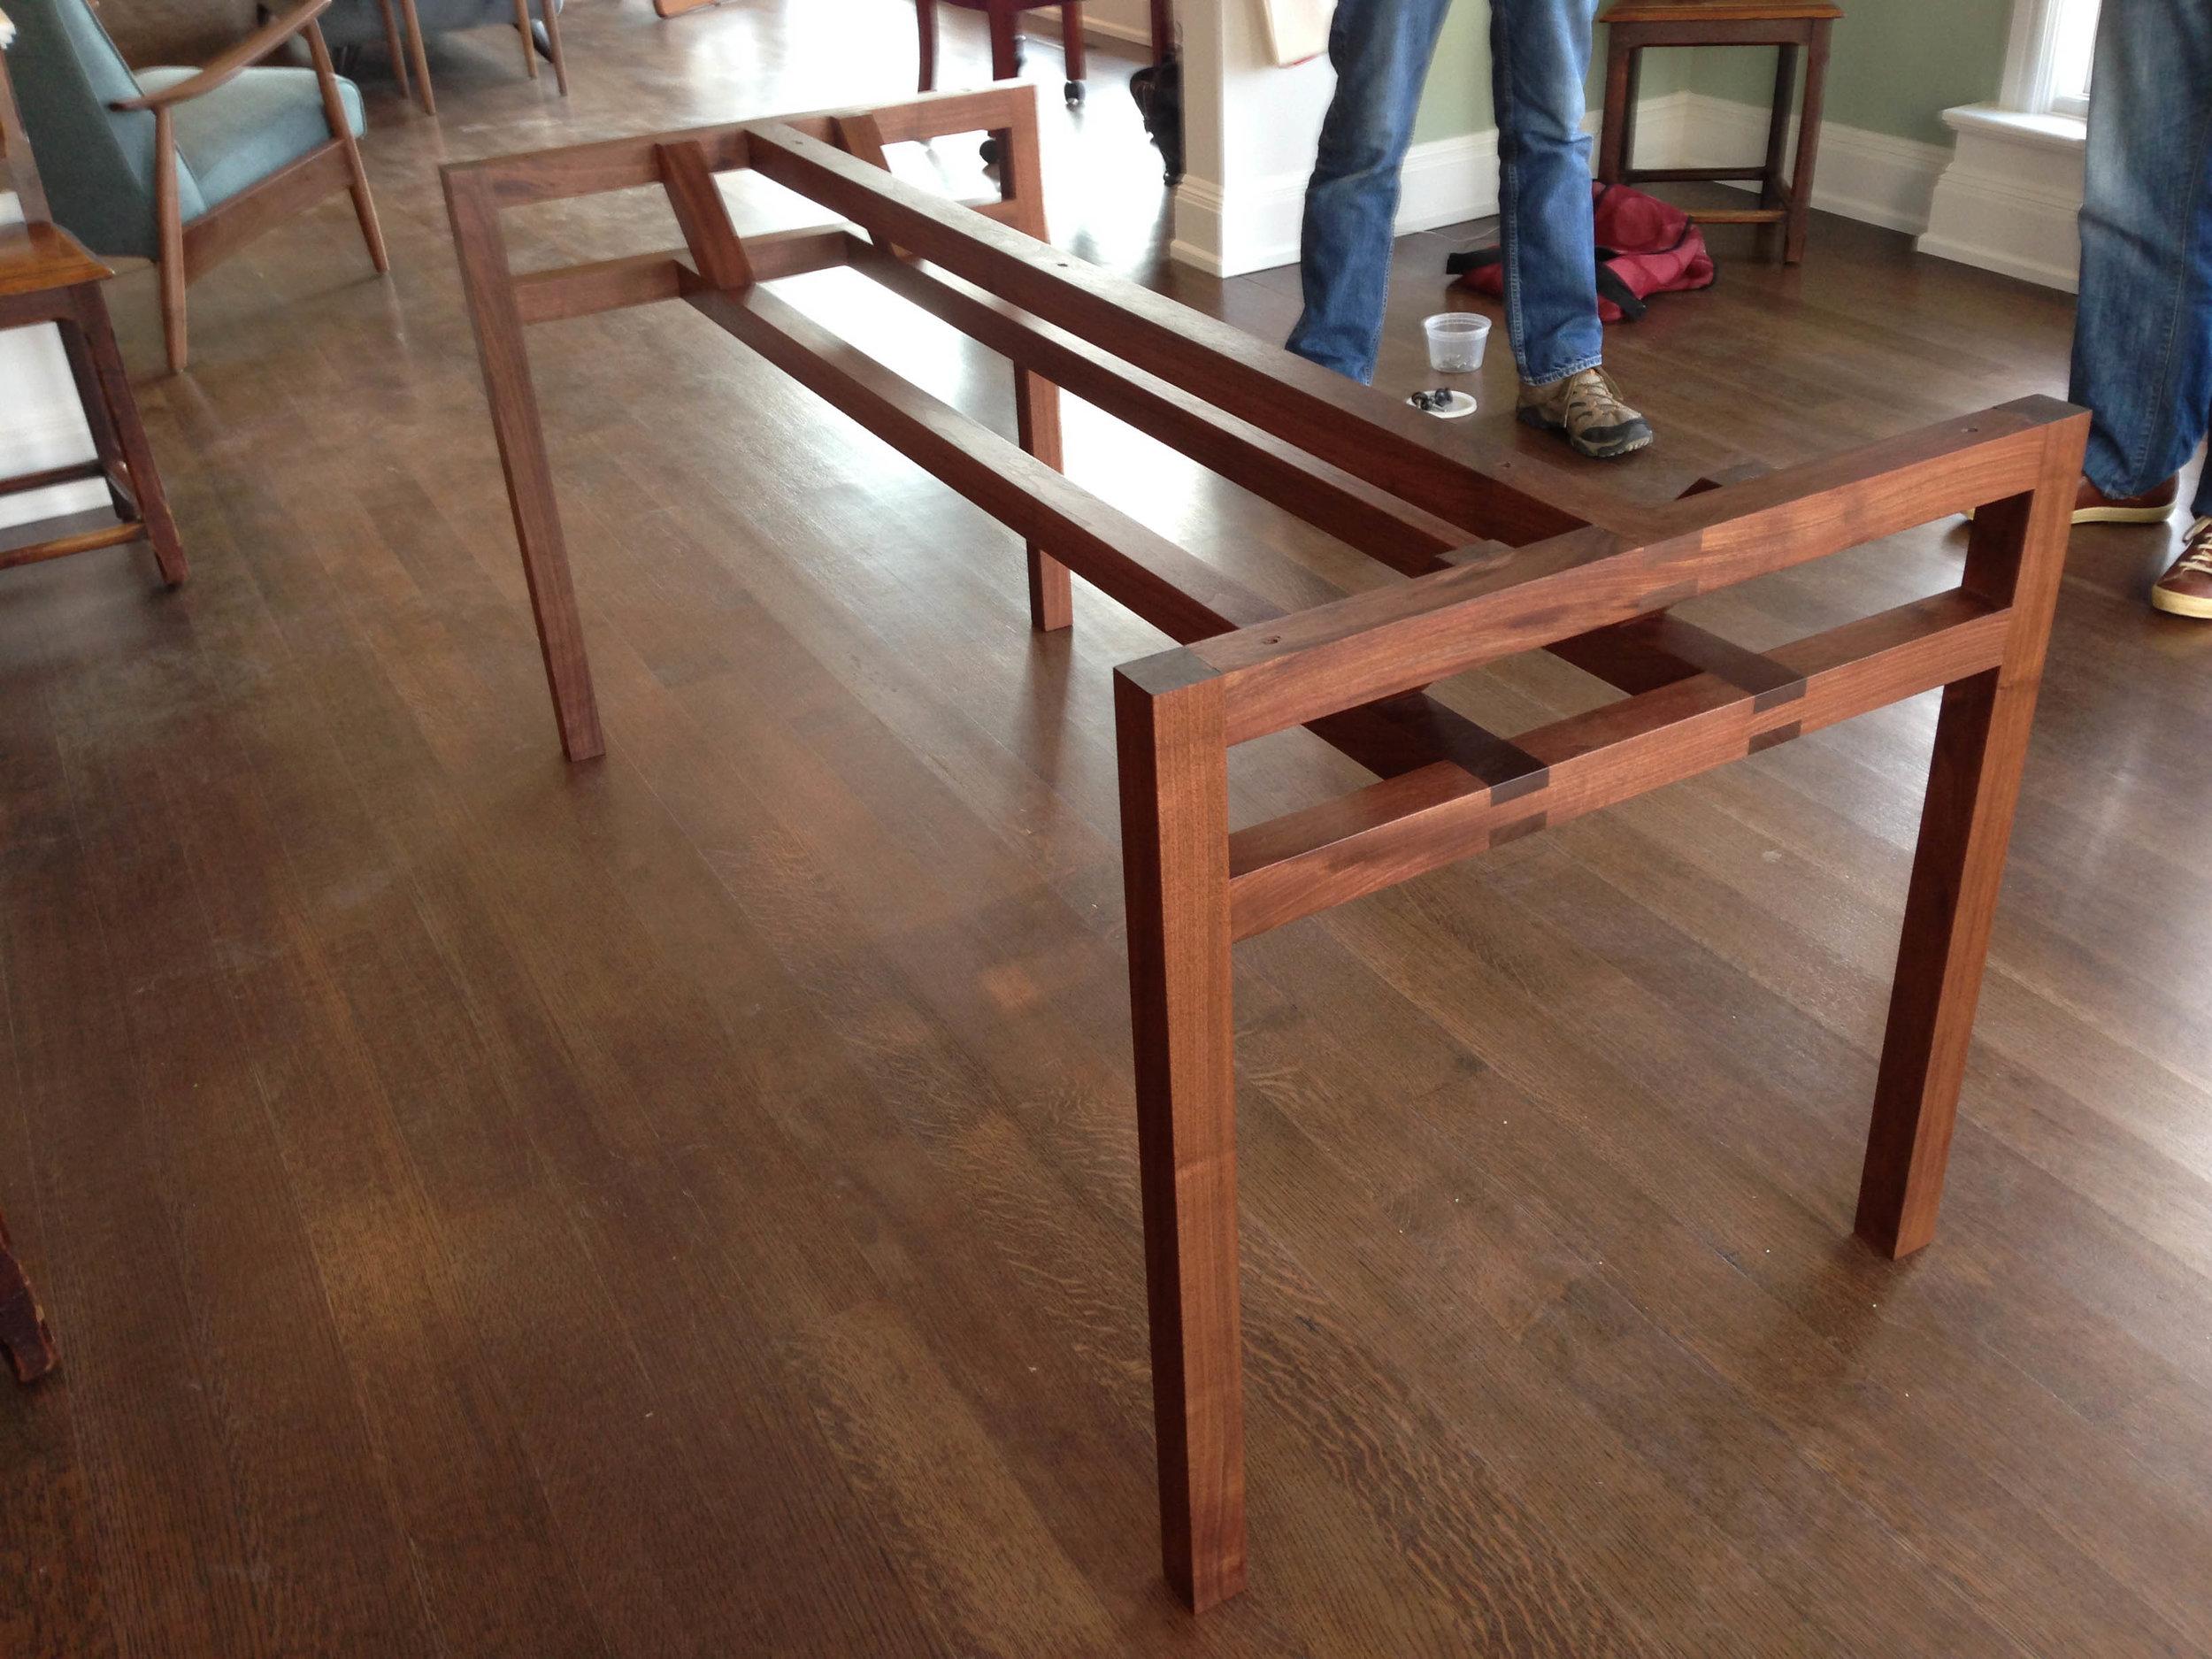 triad trestle table-31057.jpg